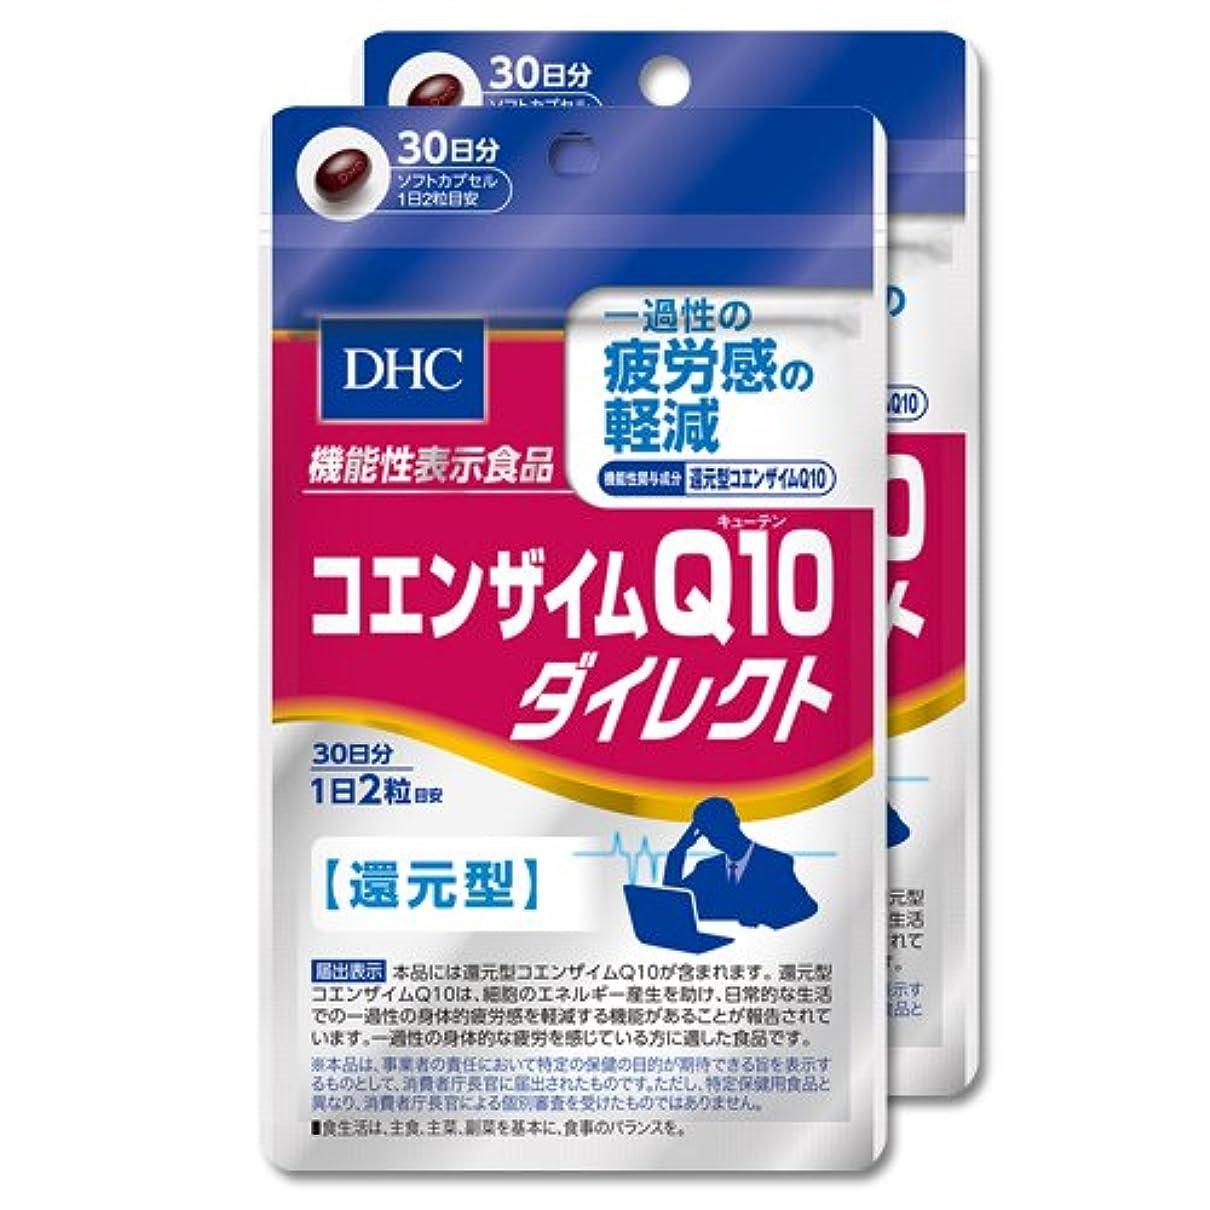 ブッシュ風スイコエンザイムQ10 ダイレクト 30日分 2個セット【機能性表示食品】